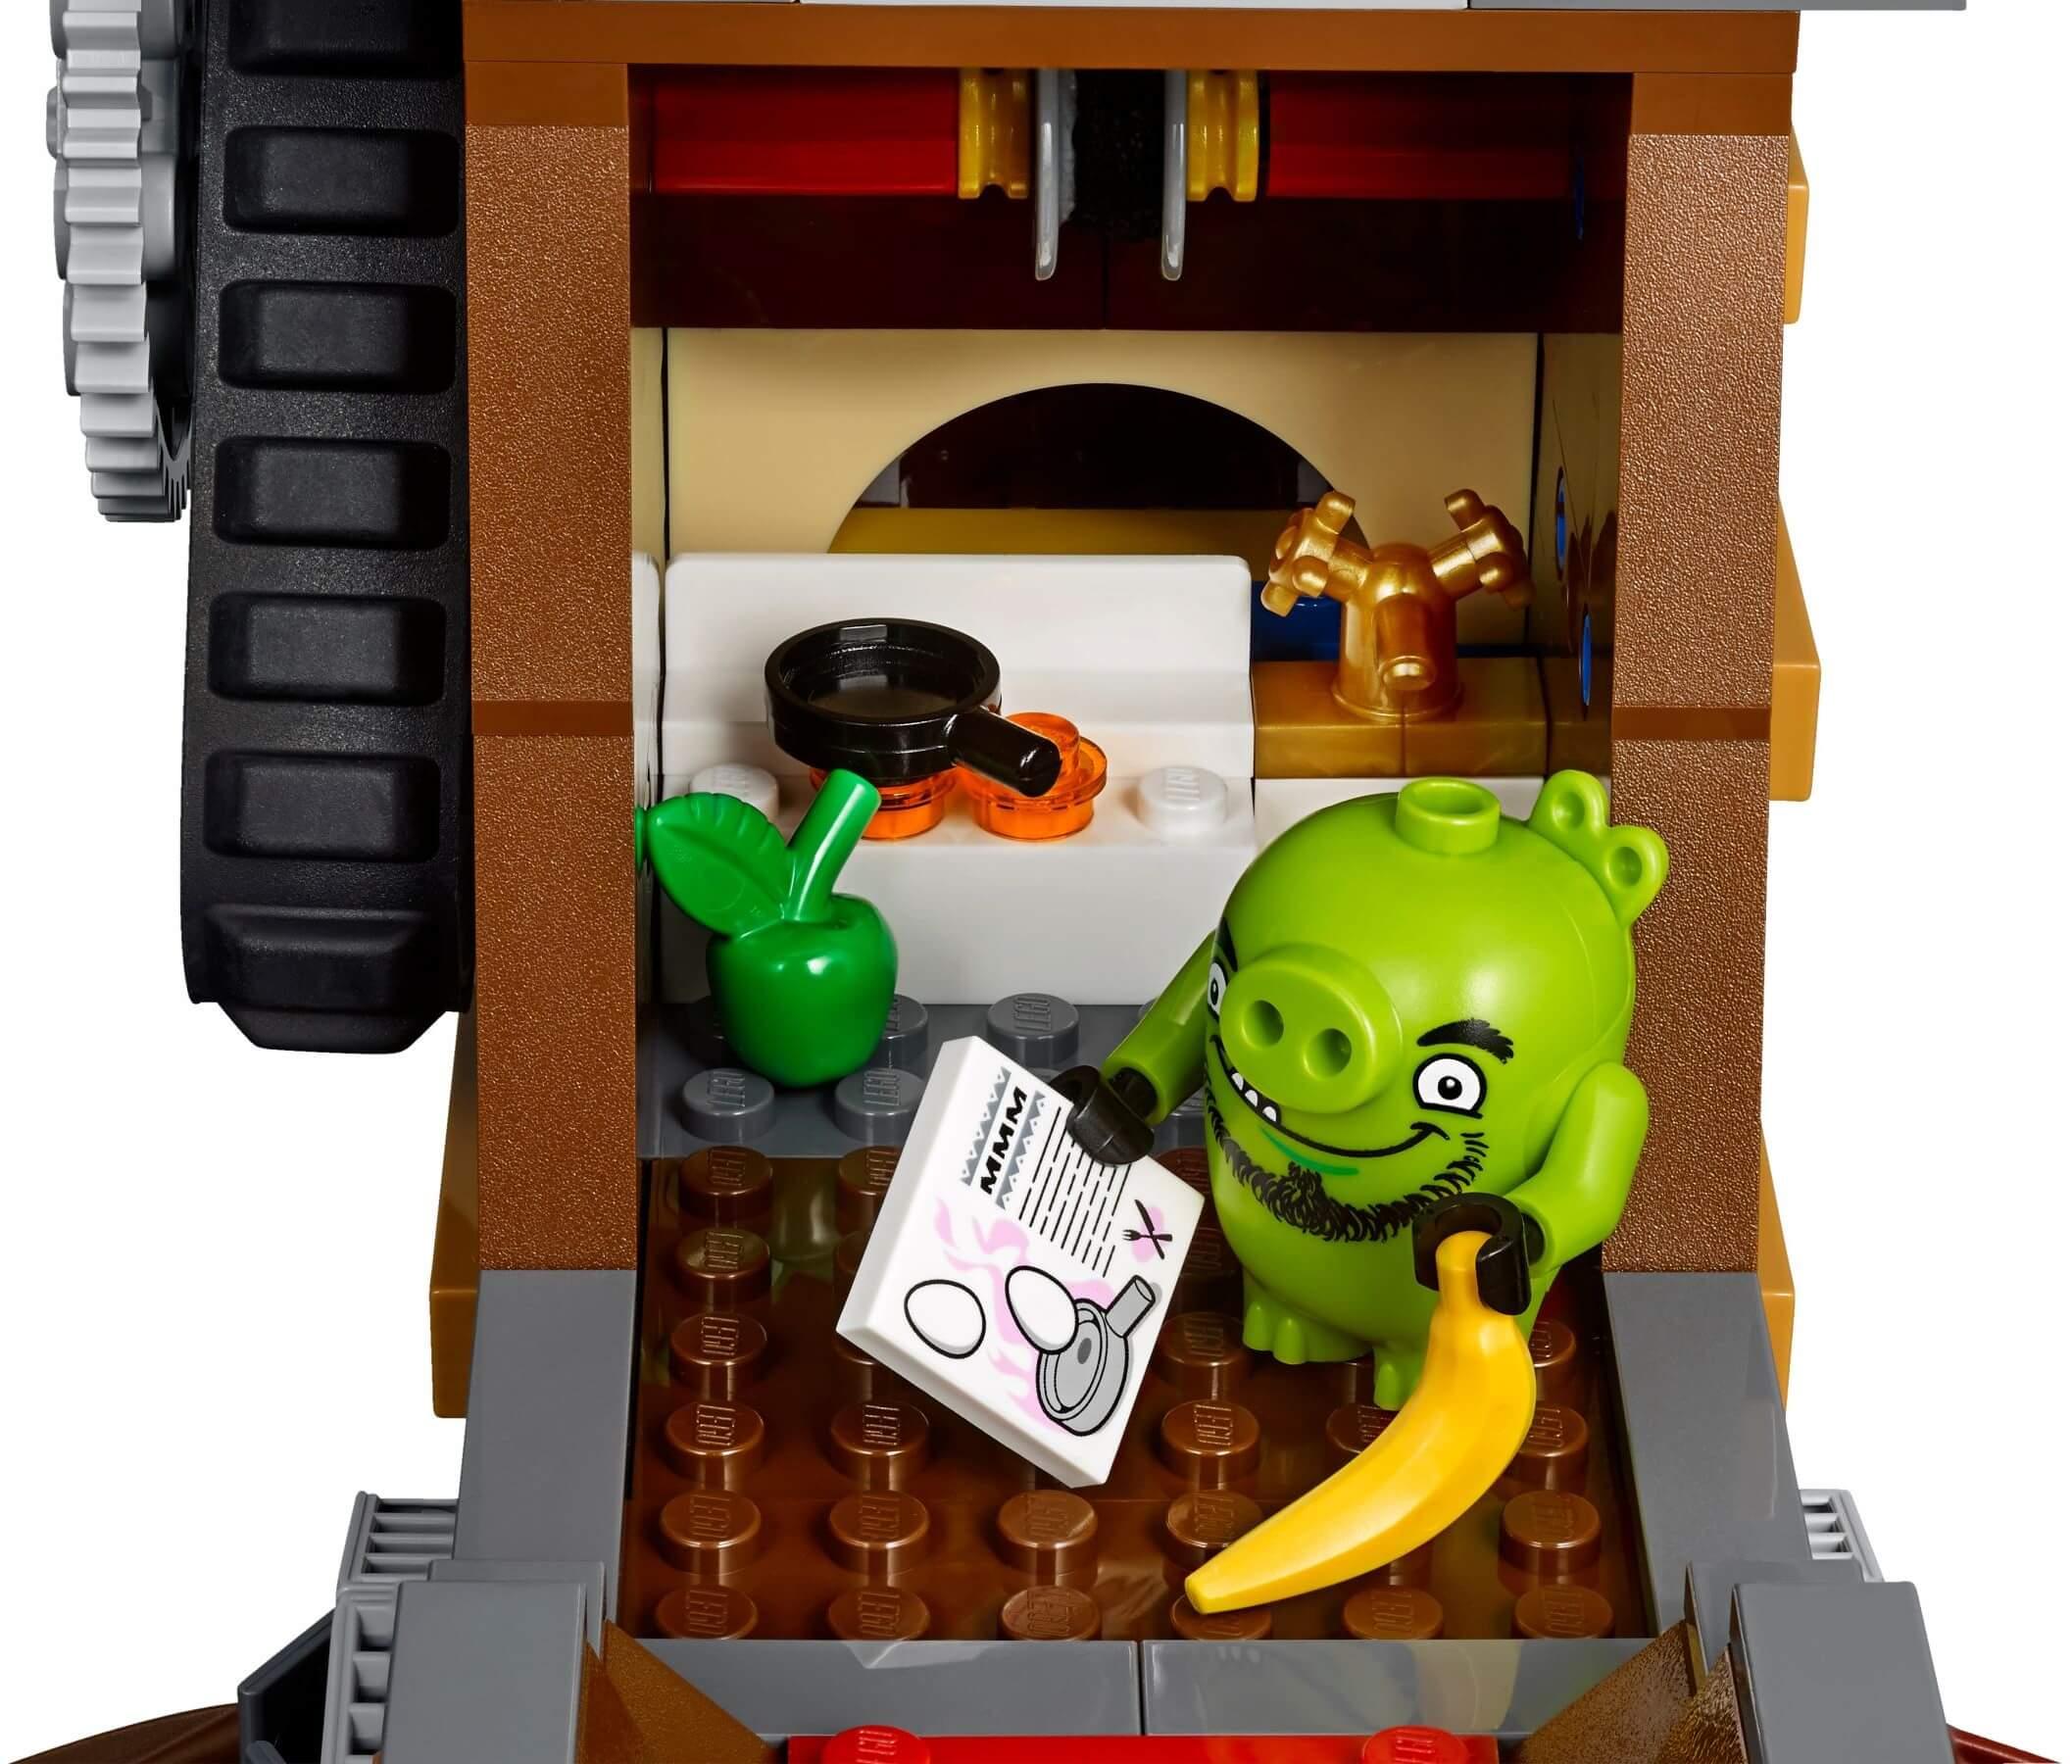 Mua đồ chơi LEGO 75825 - LEGO Angry Birds 75825 - Tàu Cướp Biển của Vua Lợn (LEGO Angry Birds Piggy Pirate Ship 75825)